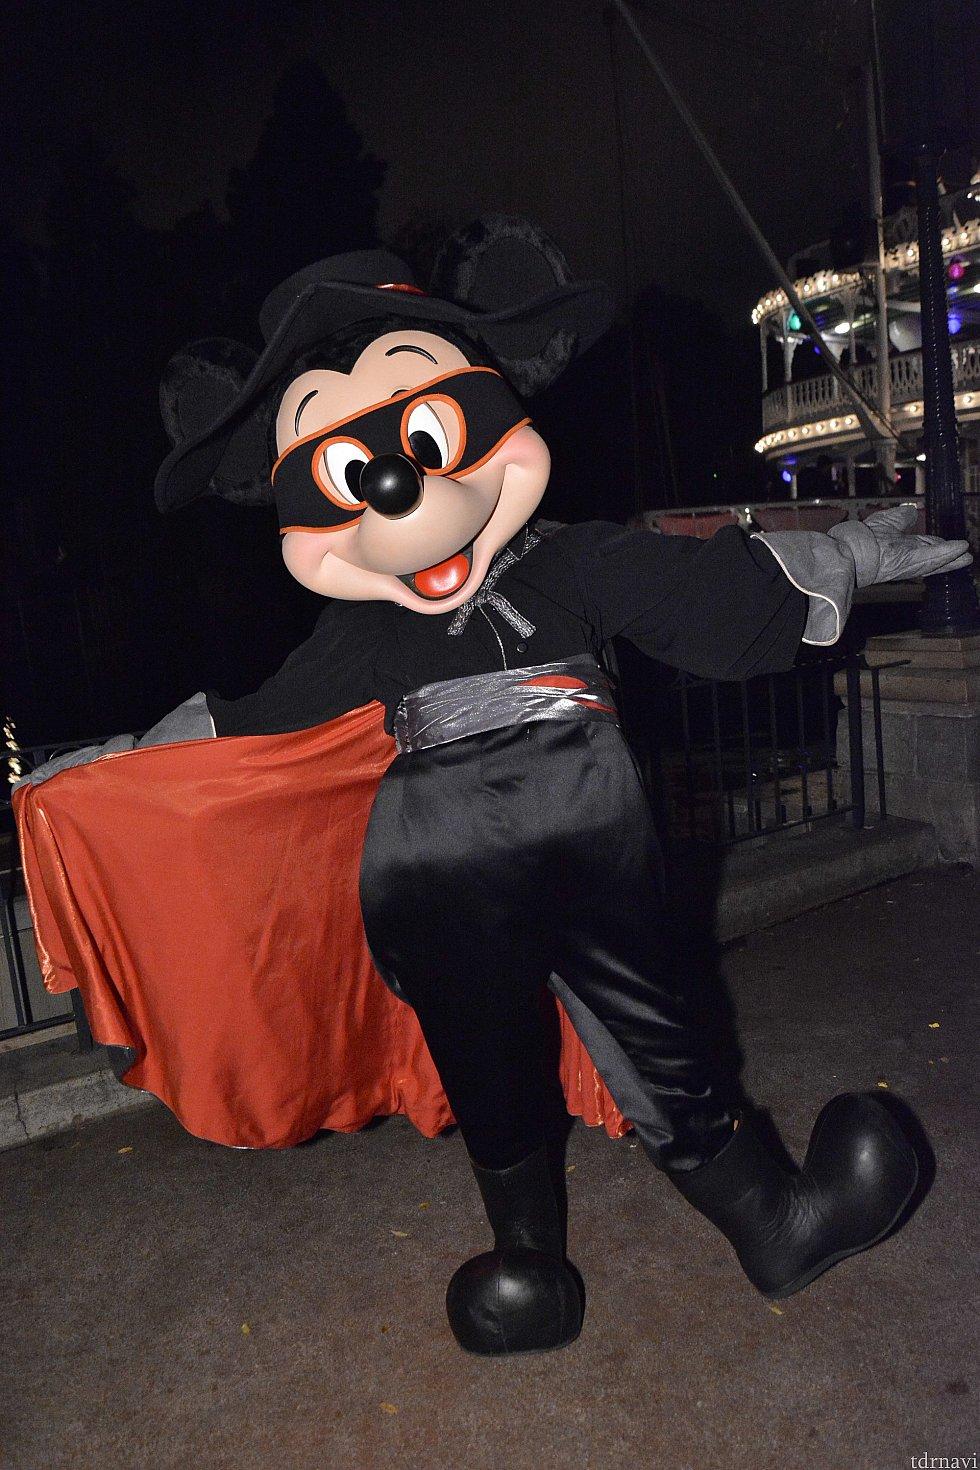 フロンティアランドで会えたミッキーはまさかのゾロ!フォトパスカメラマンさんがいてくれて助かりました。